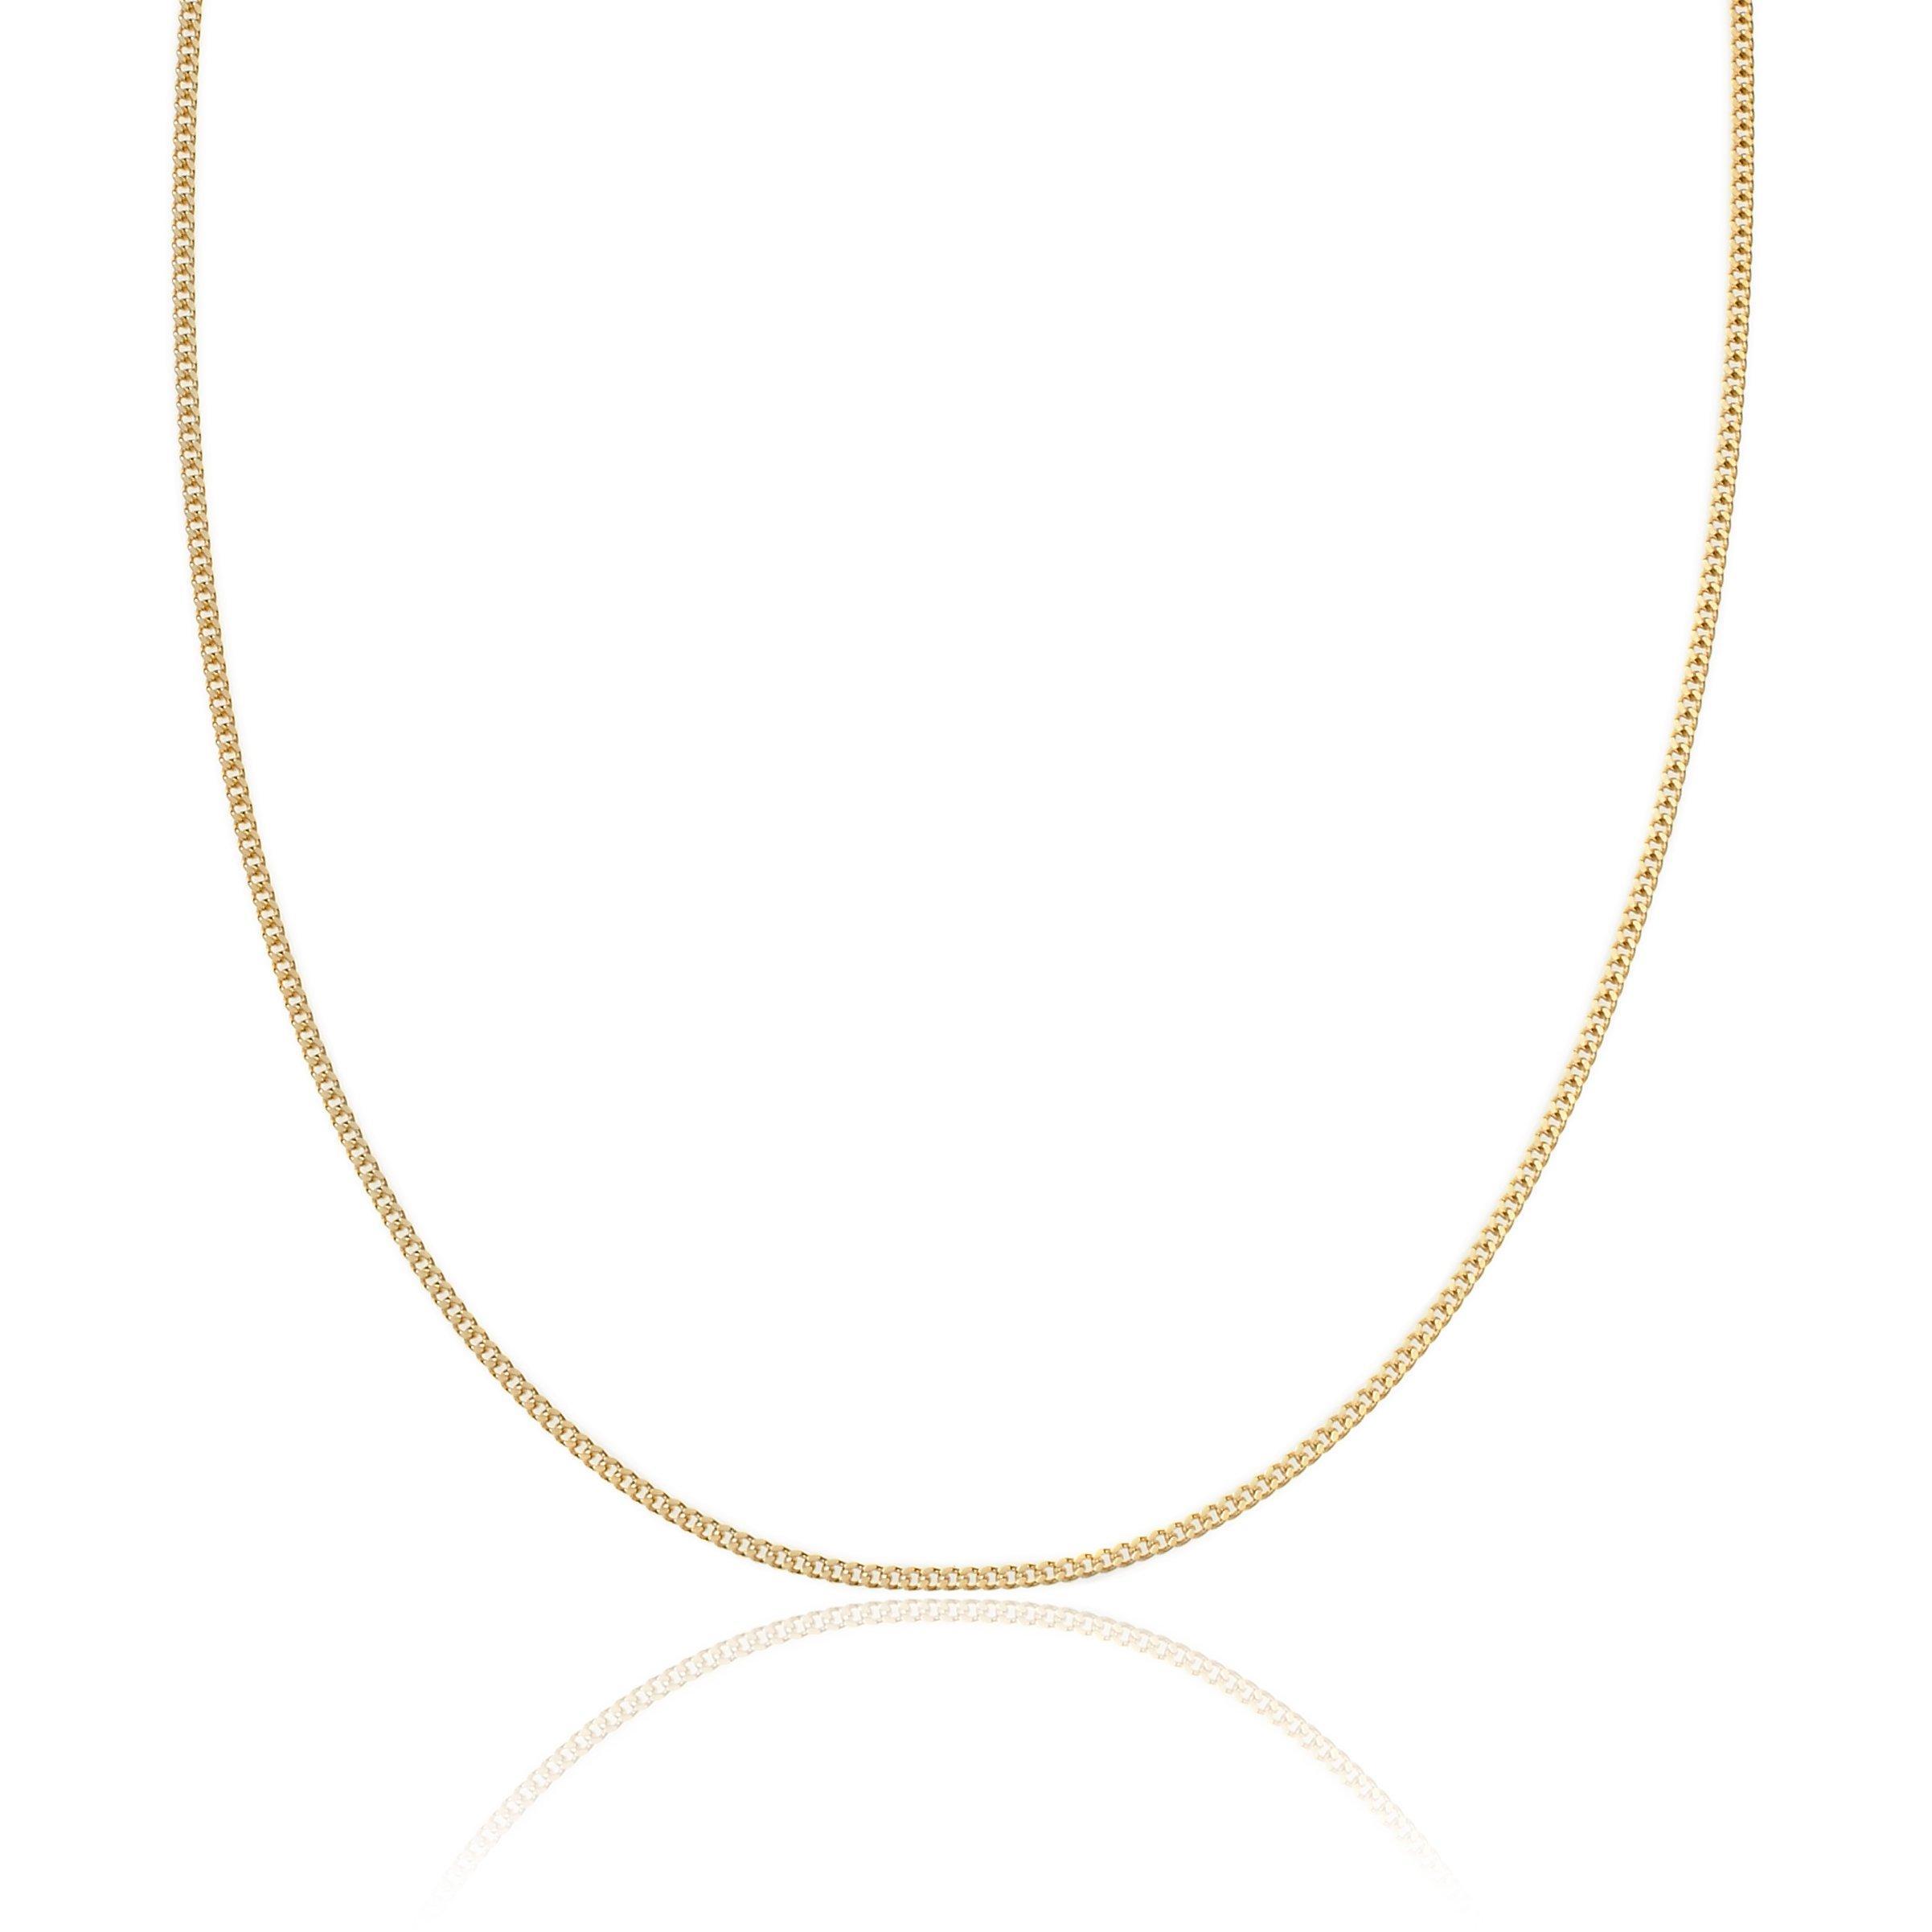 9ct Gold Curb Chain 50cm